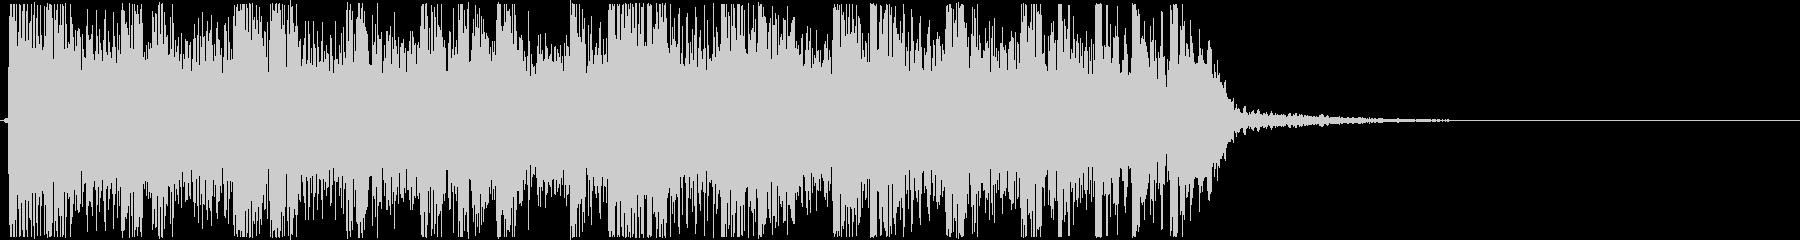 生演奏メタルなアイキャッチ12の未再生の波形